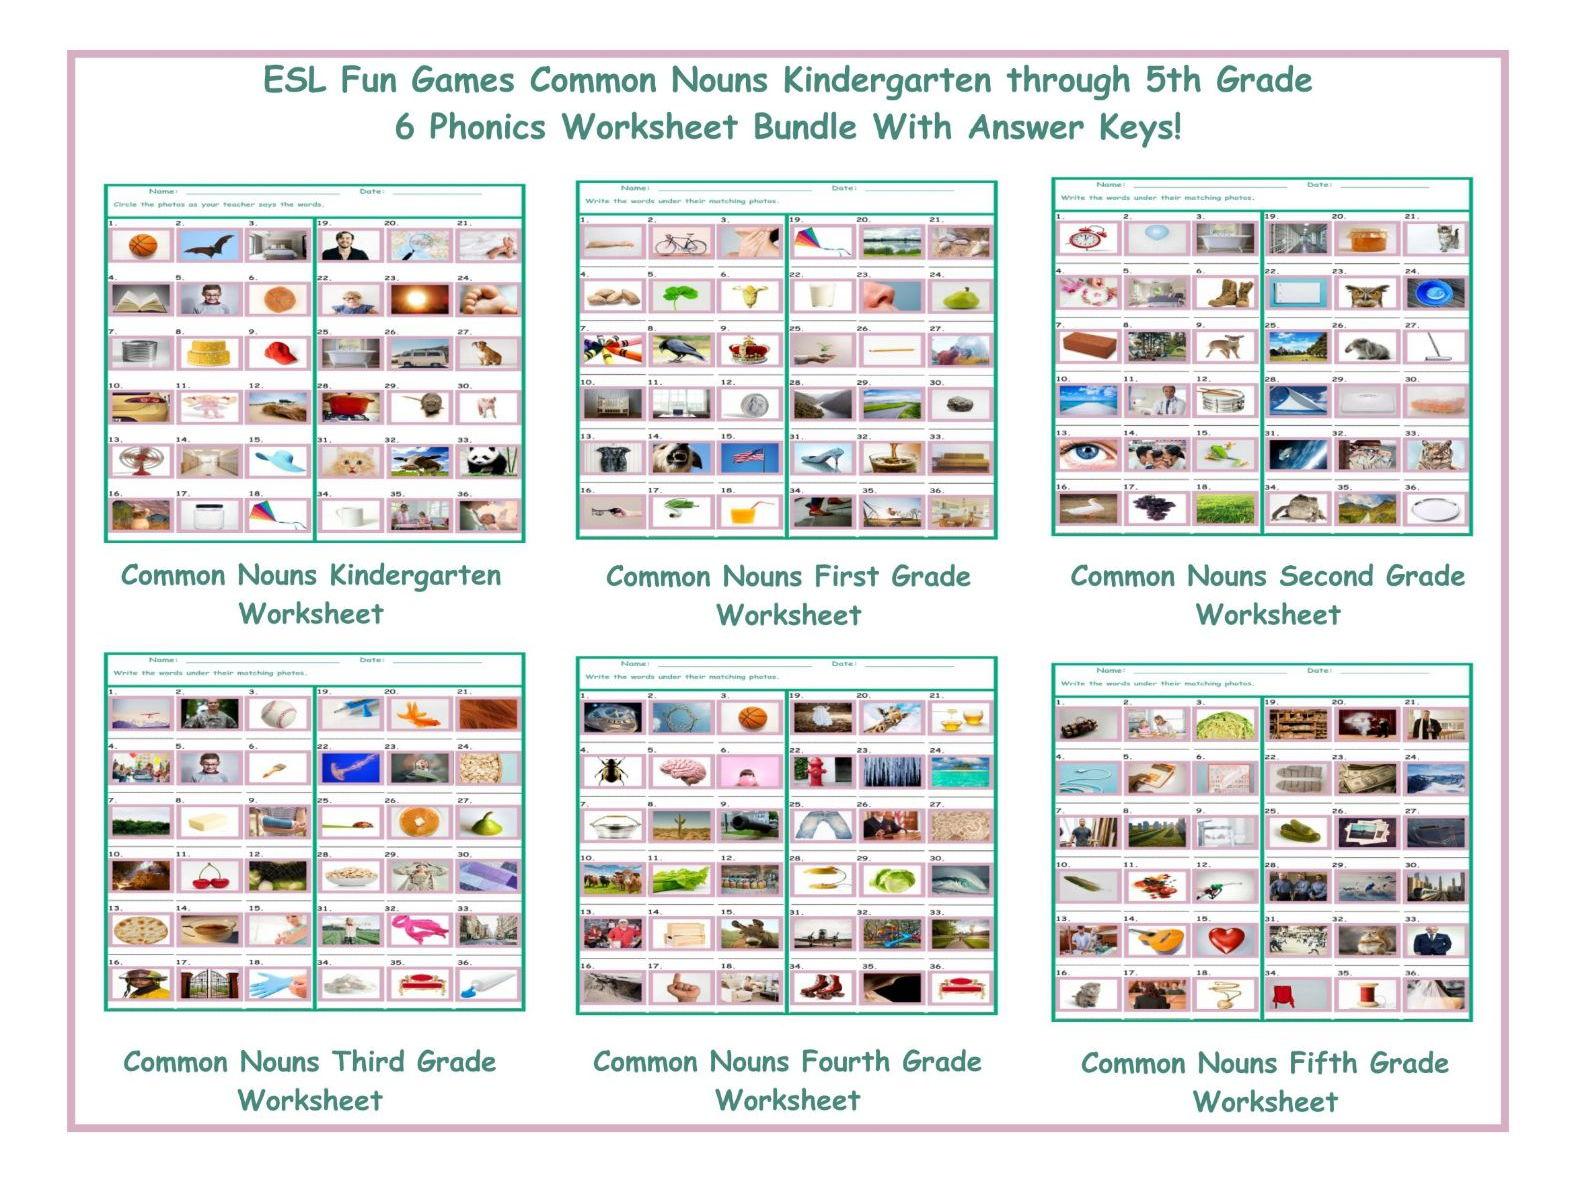 Common Nouns Worksheet Bundle By Eslfungames